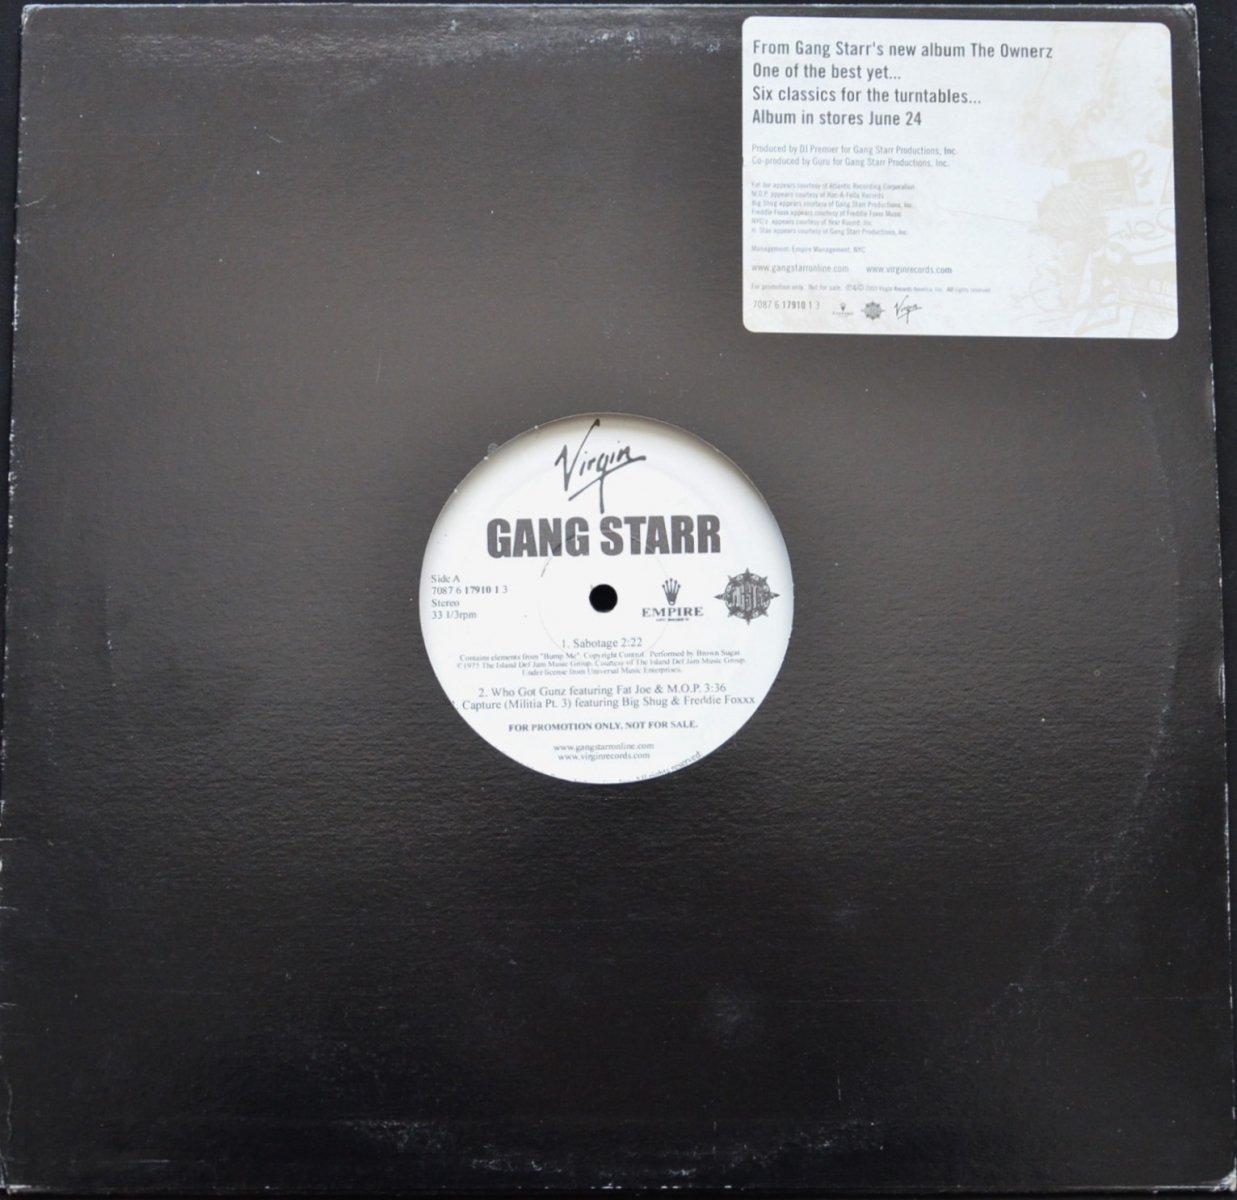 GANG STARR / THE OWNERZ - PROMO SAMPLER (12